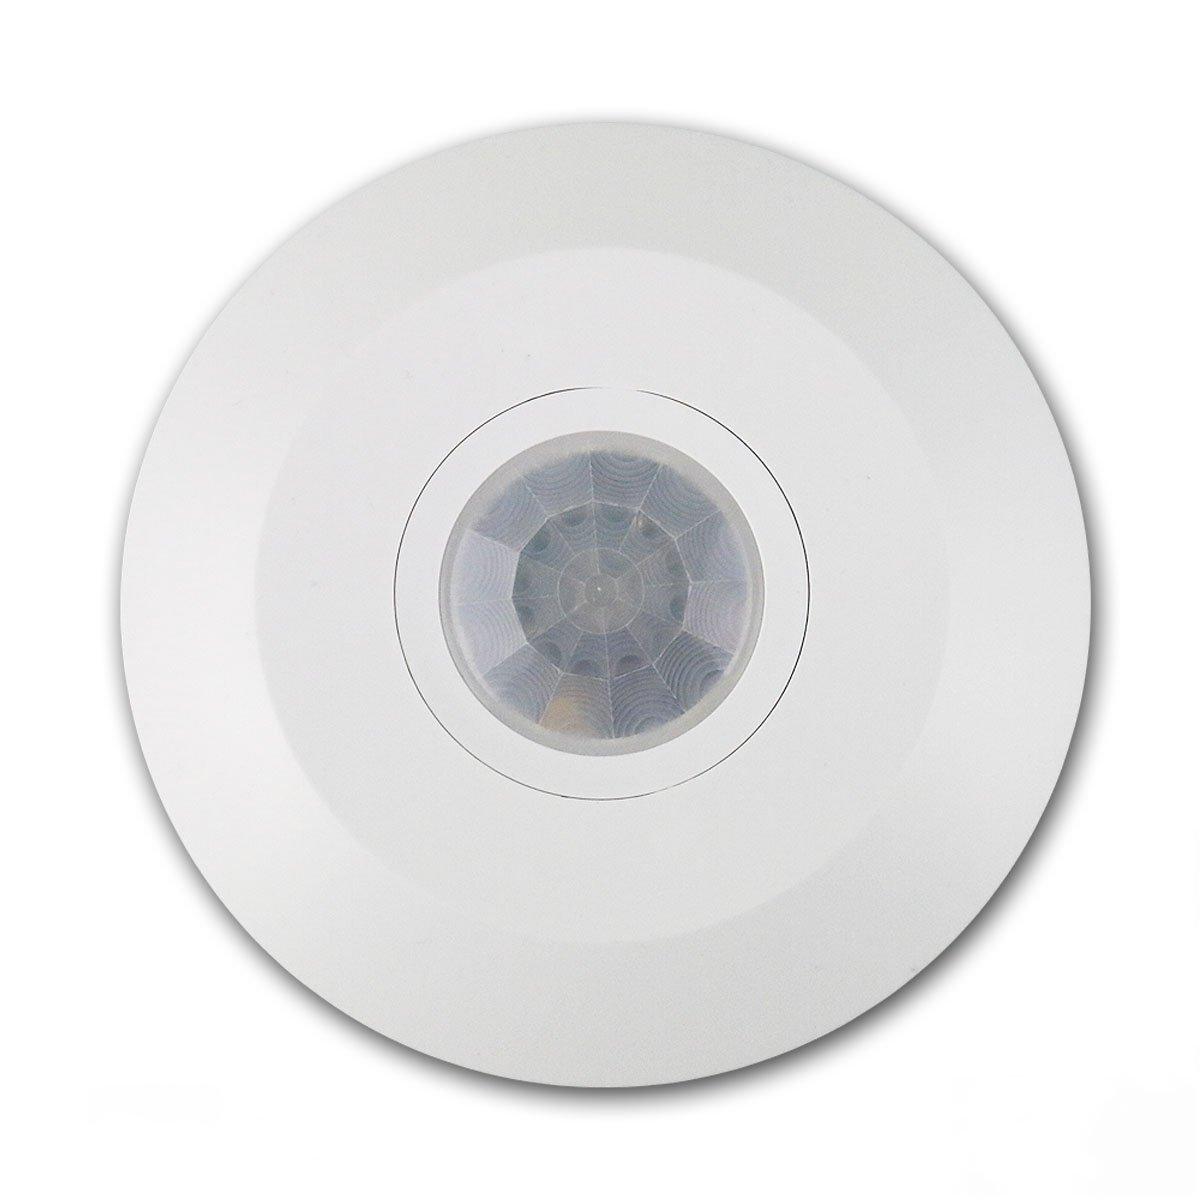 Lámpara de techo-sensor de movimiento